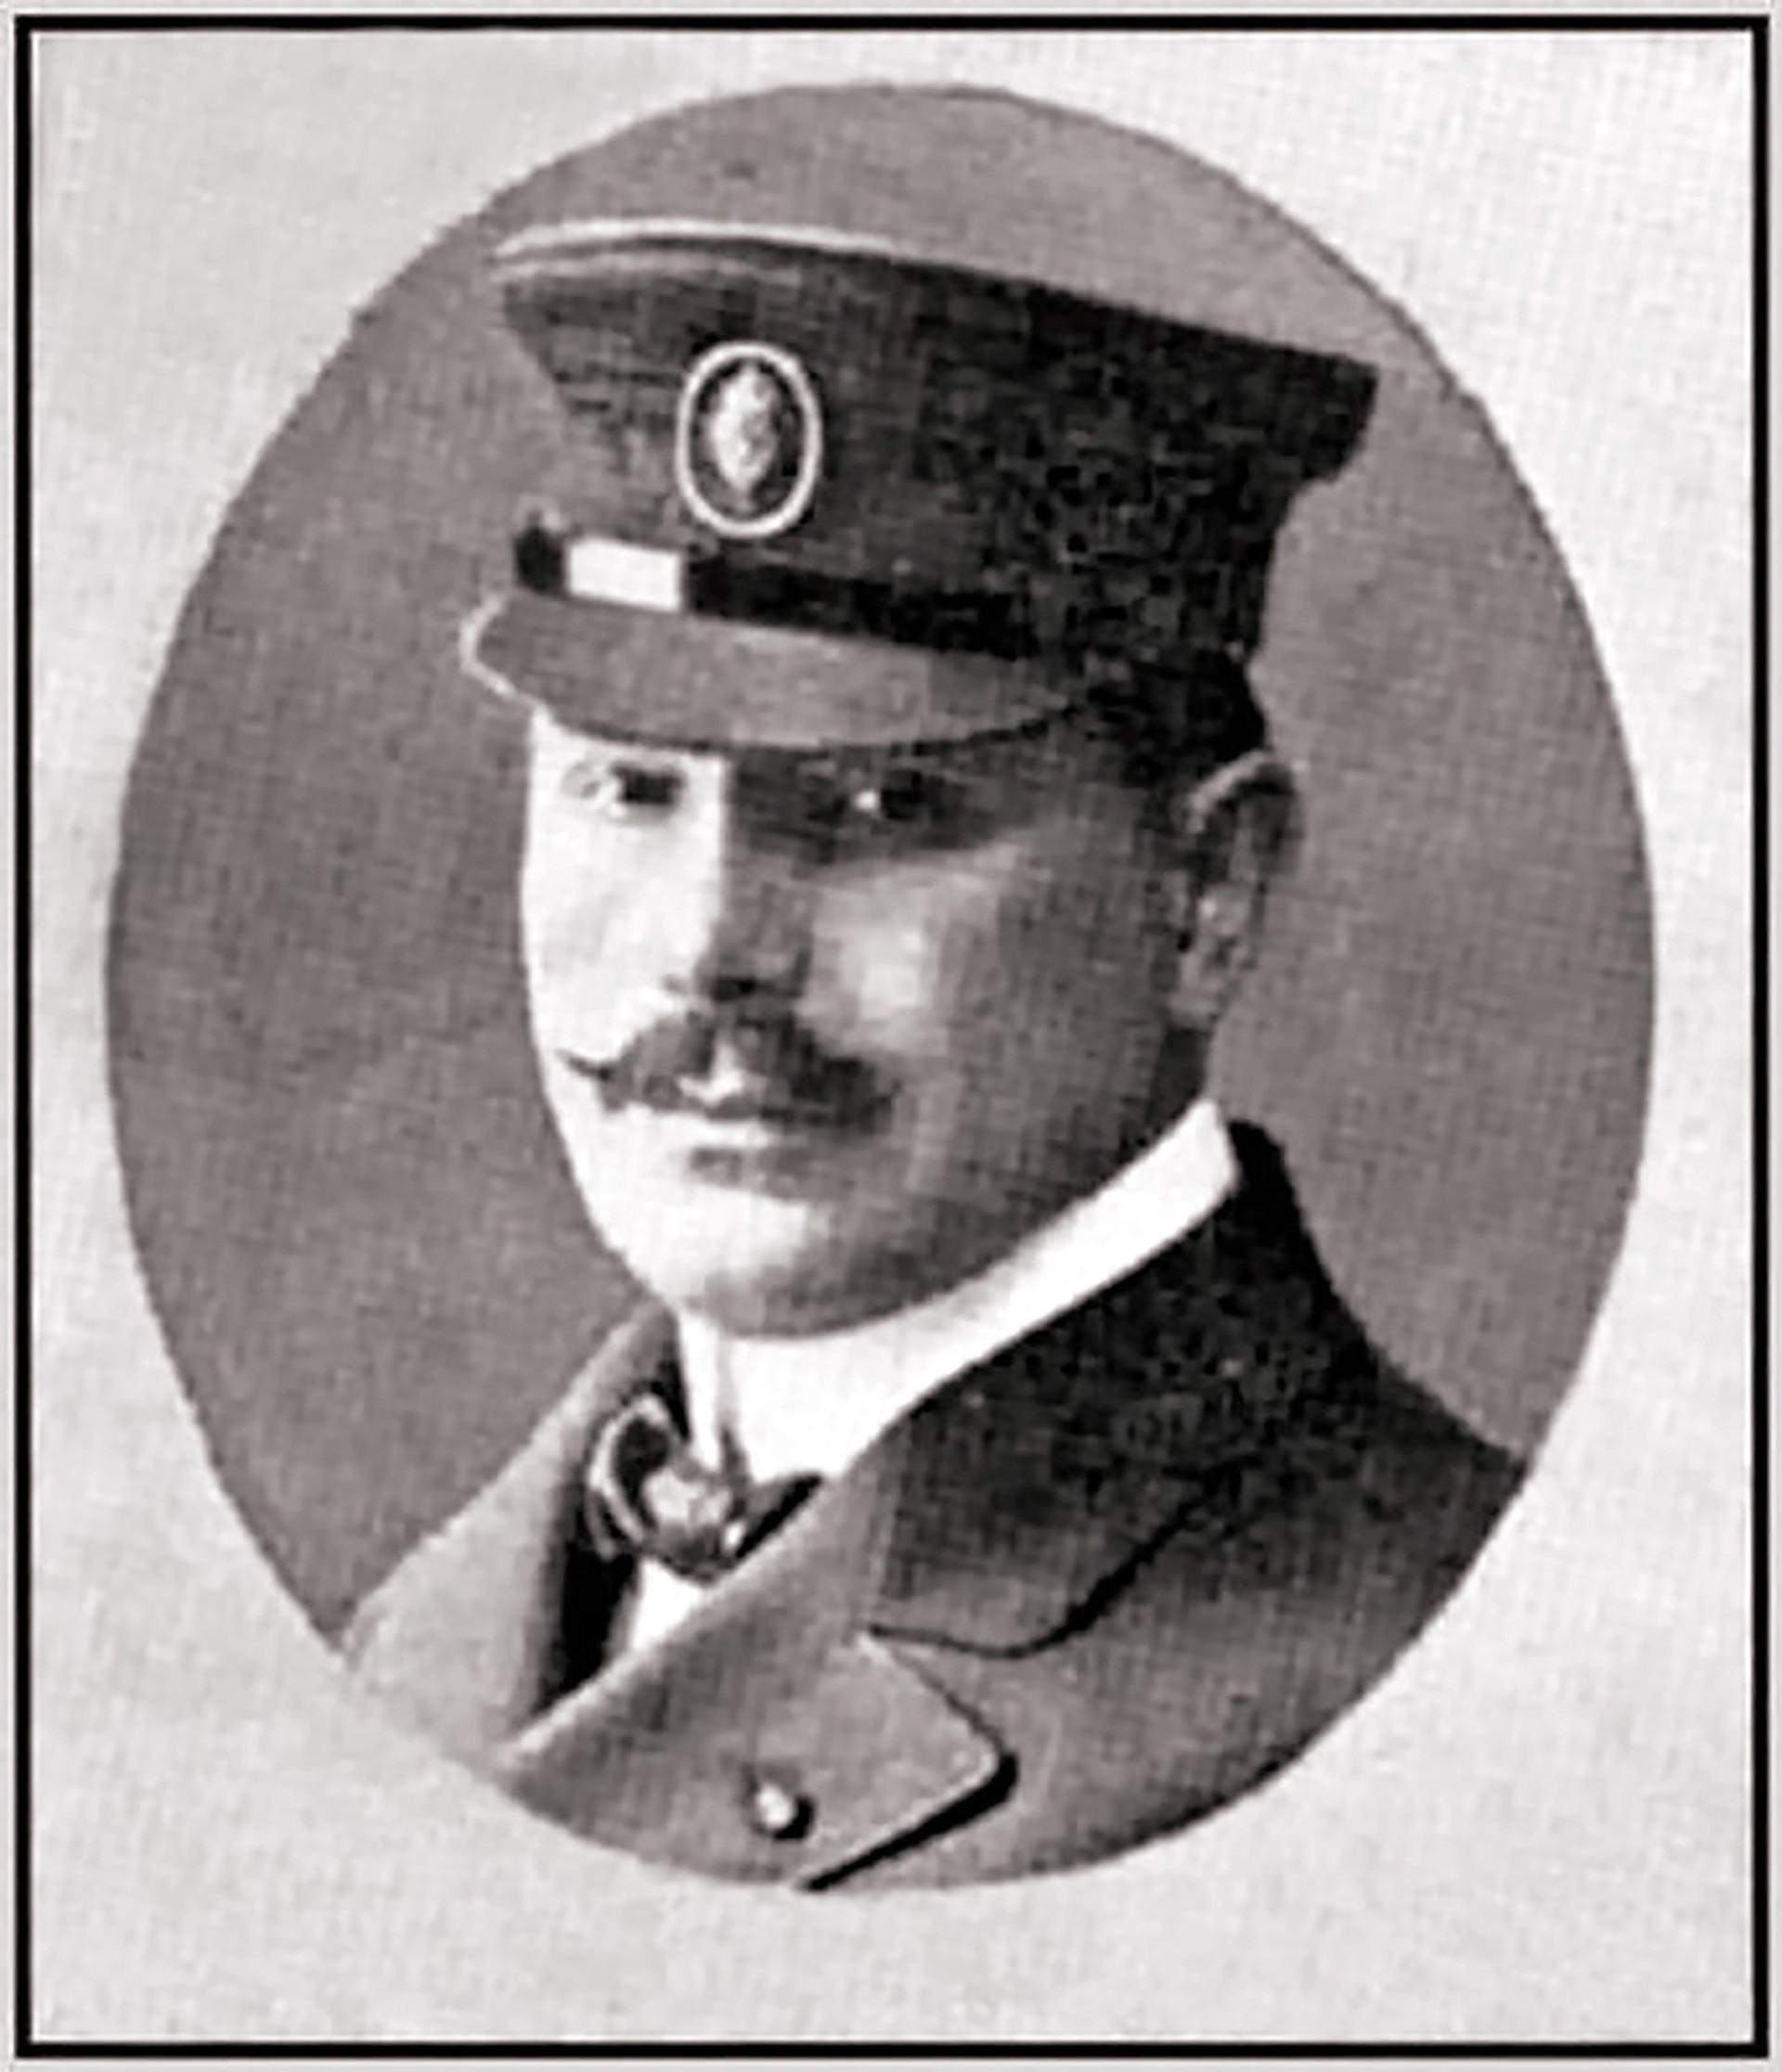 Борис Григориевич Луцки (Луцкой) (1865—1926) — руски инженер-конструктор, изобретател, пионер в автомобилизма.